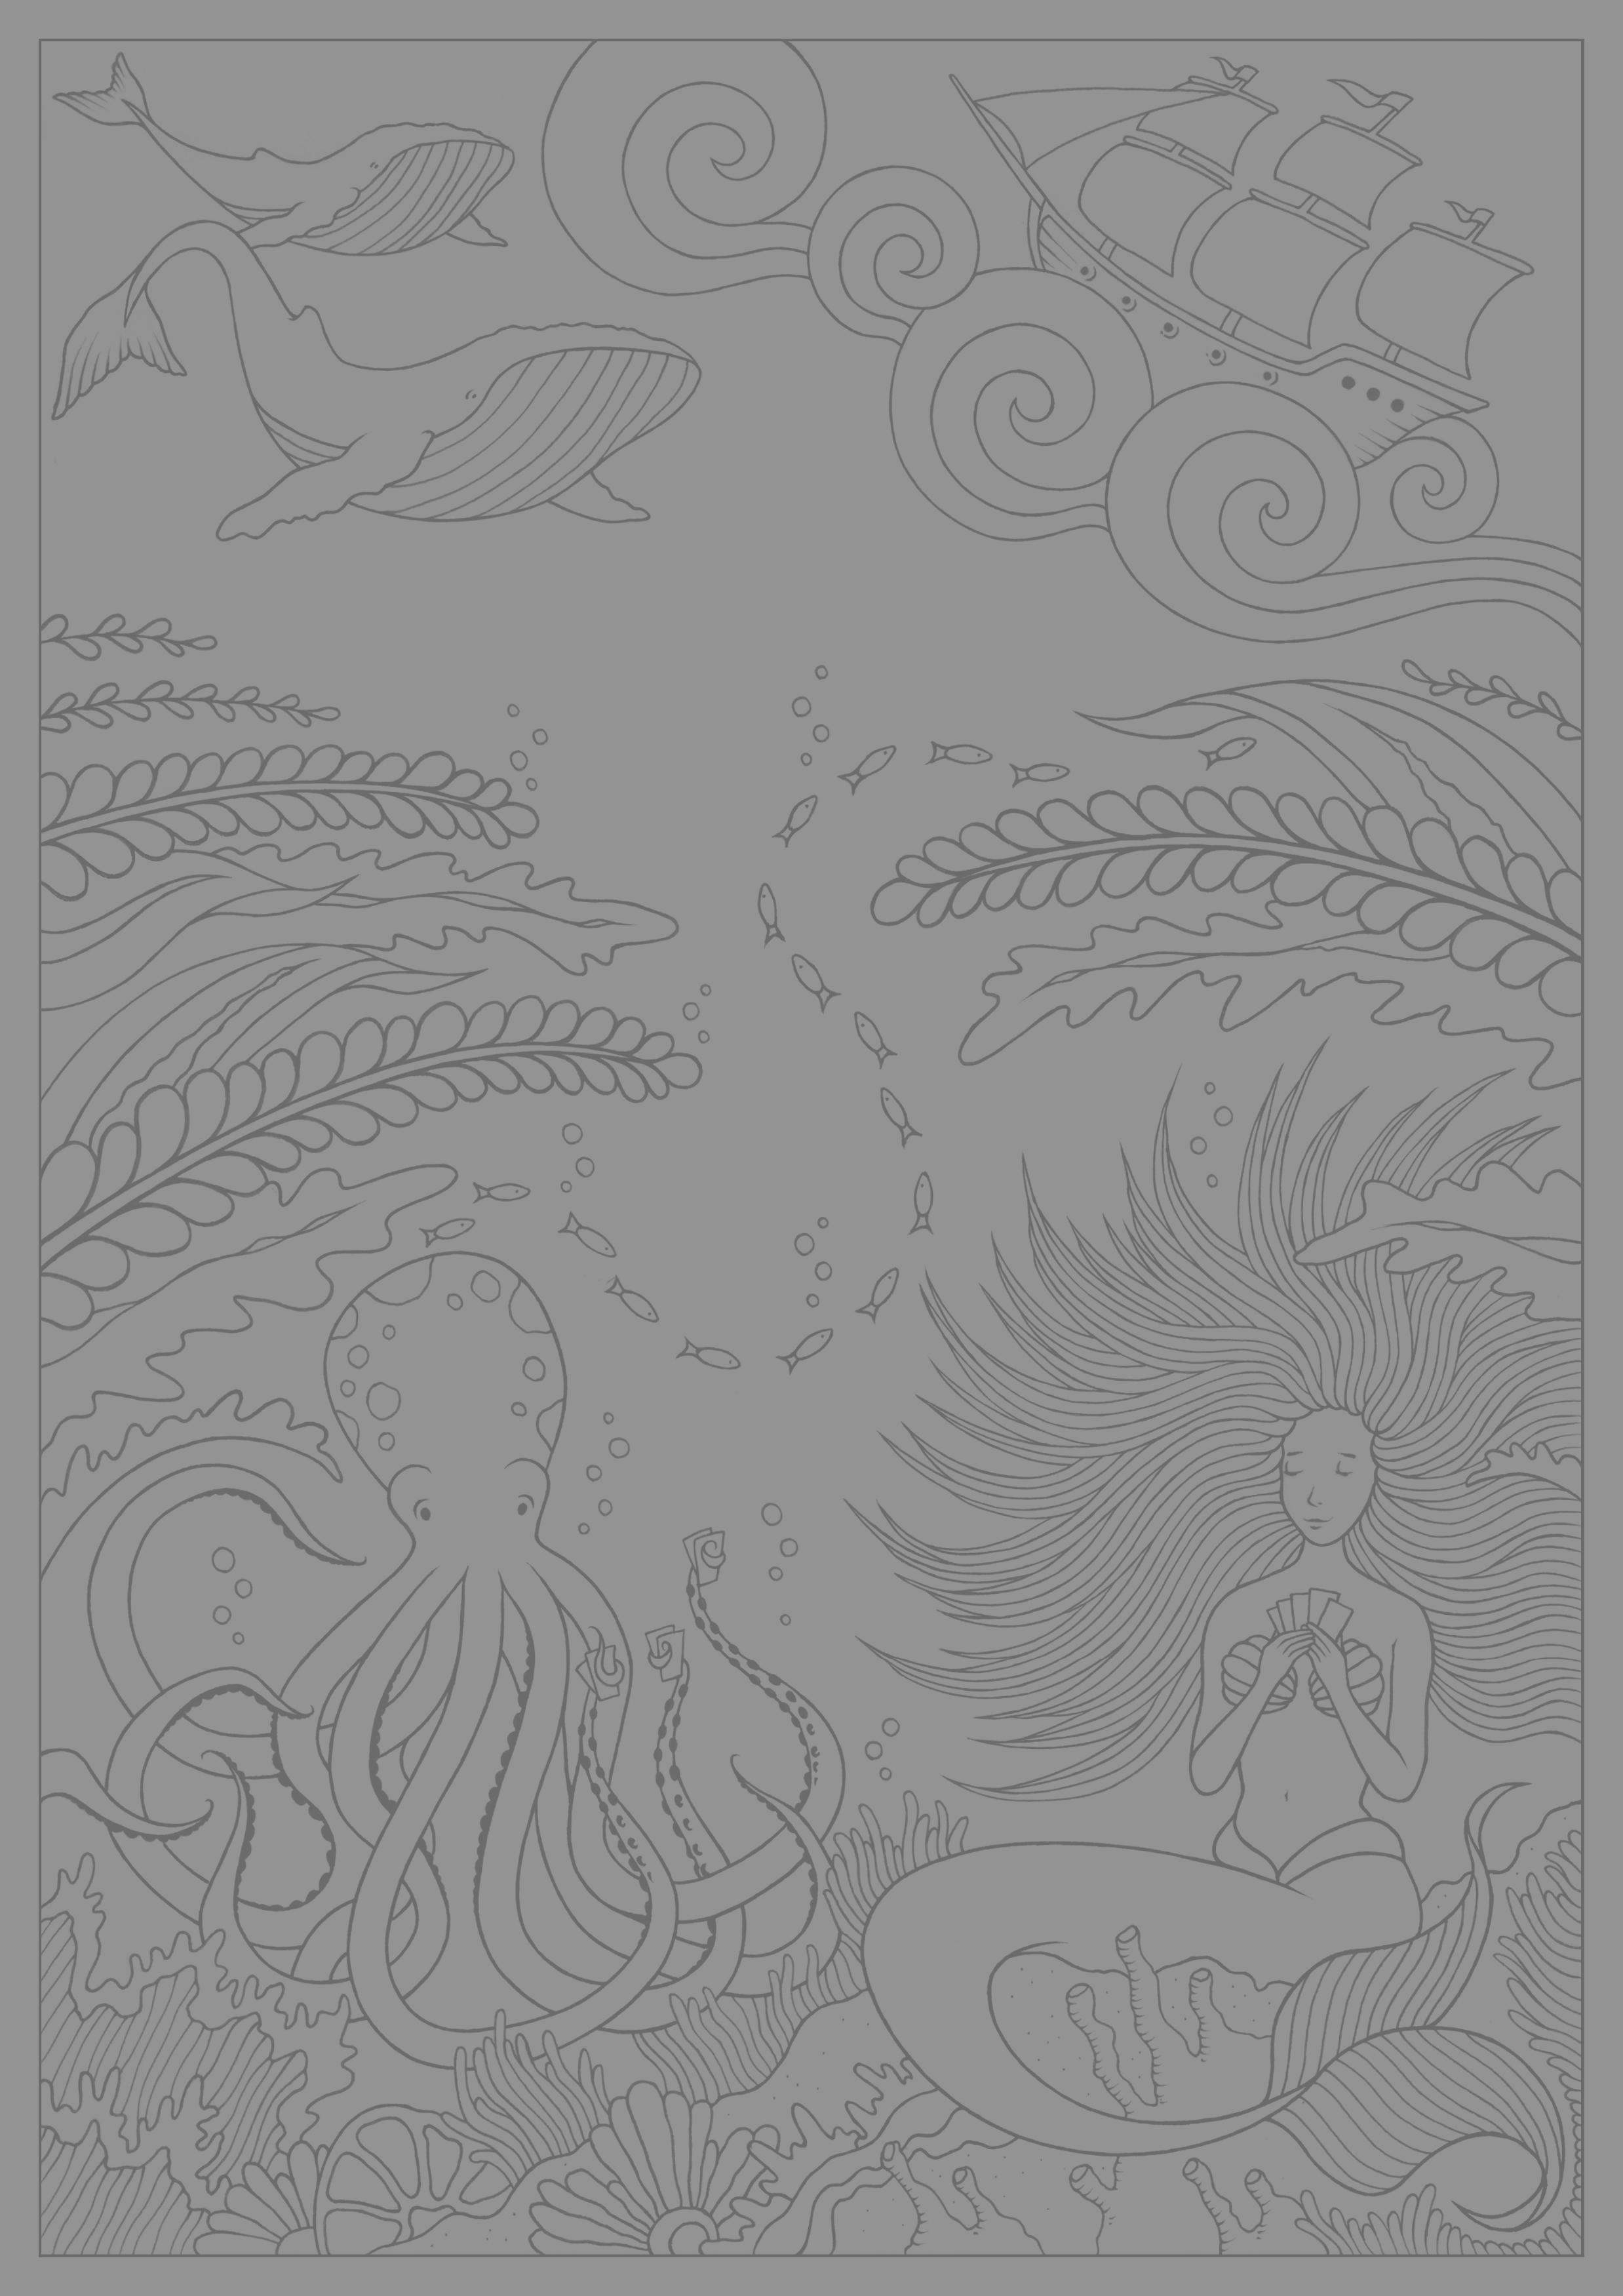 Mermaid and octopus konstantinos